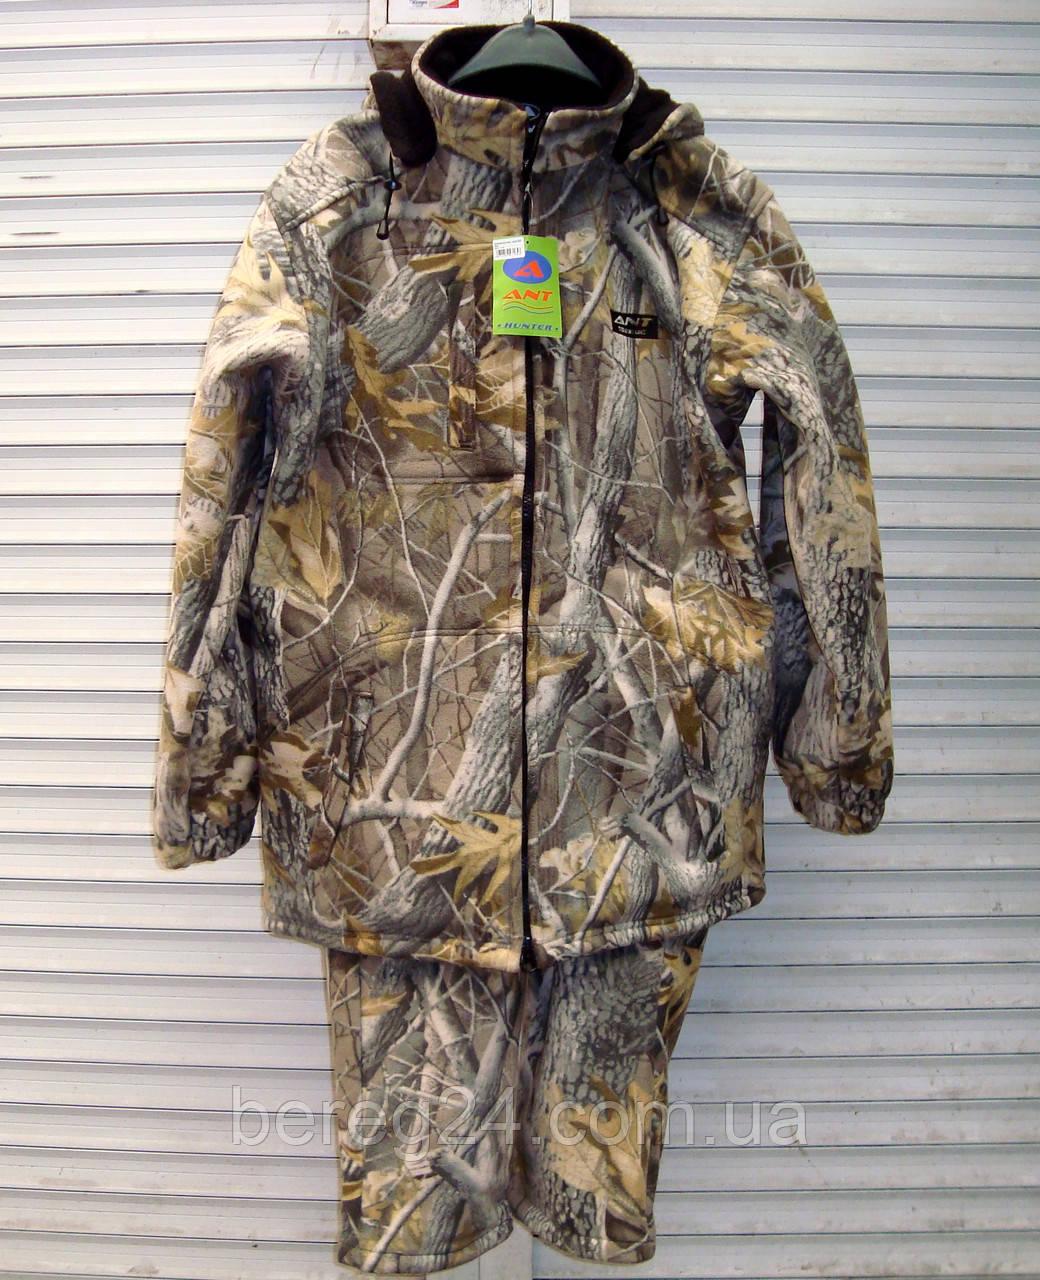 Зимний костюм ANT Hunter размер XXL